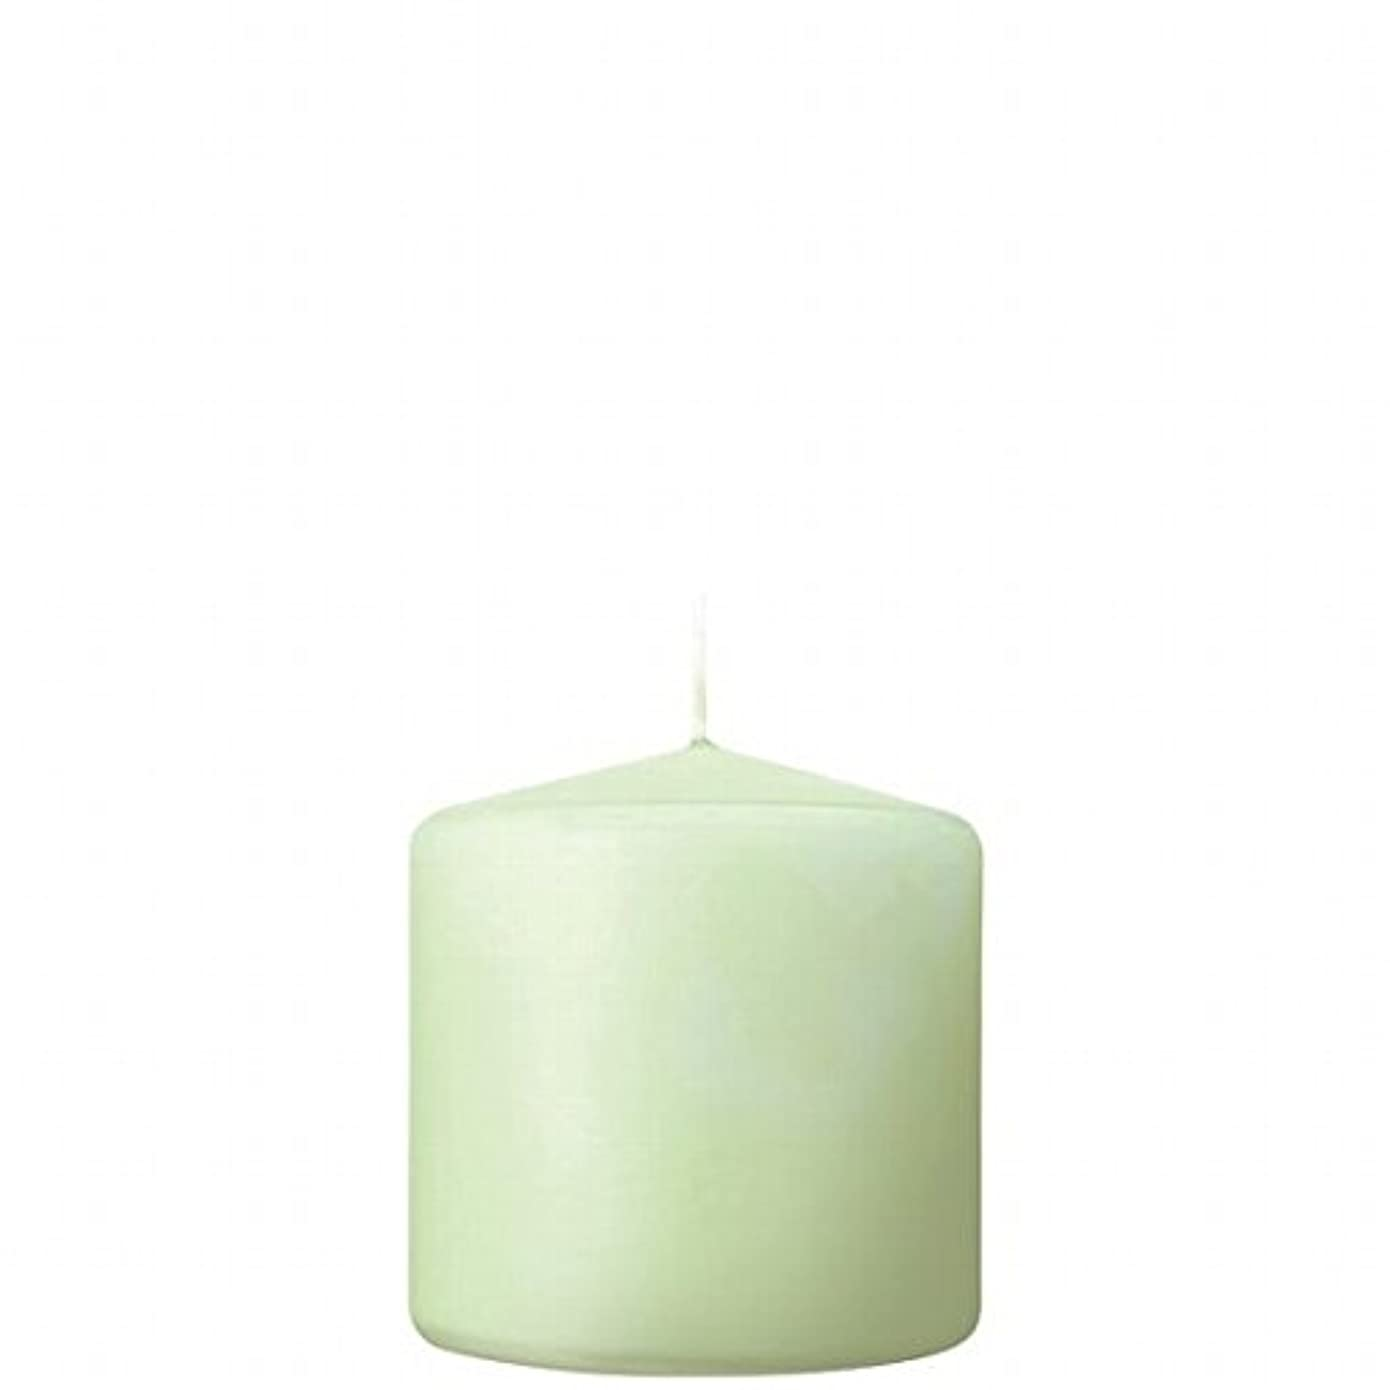 カメヤマキャンドル( kameyama candle ) 3×3ベルトップピラーキャンドル 「 ホワイトグリーン 」